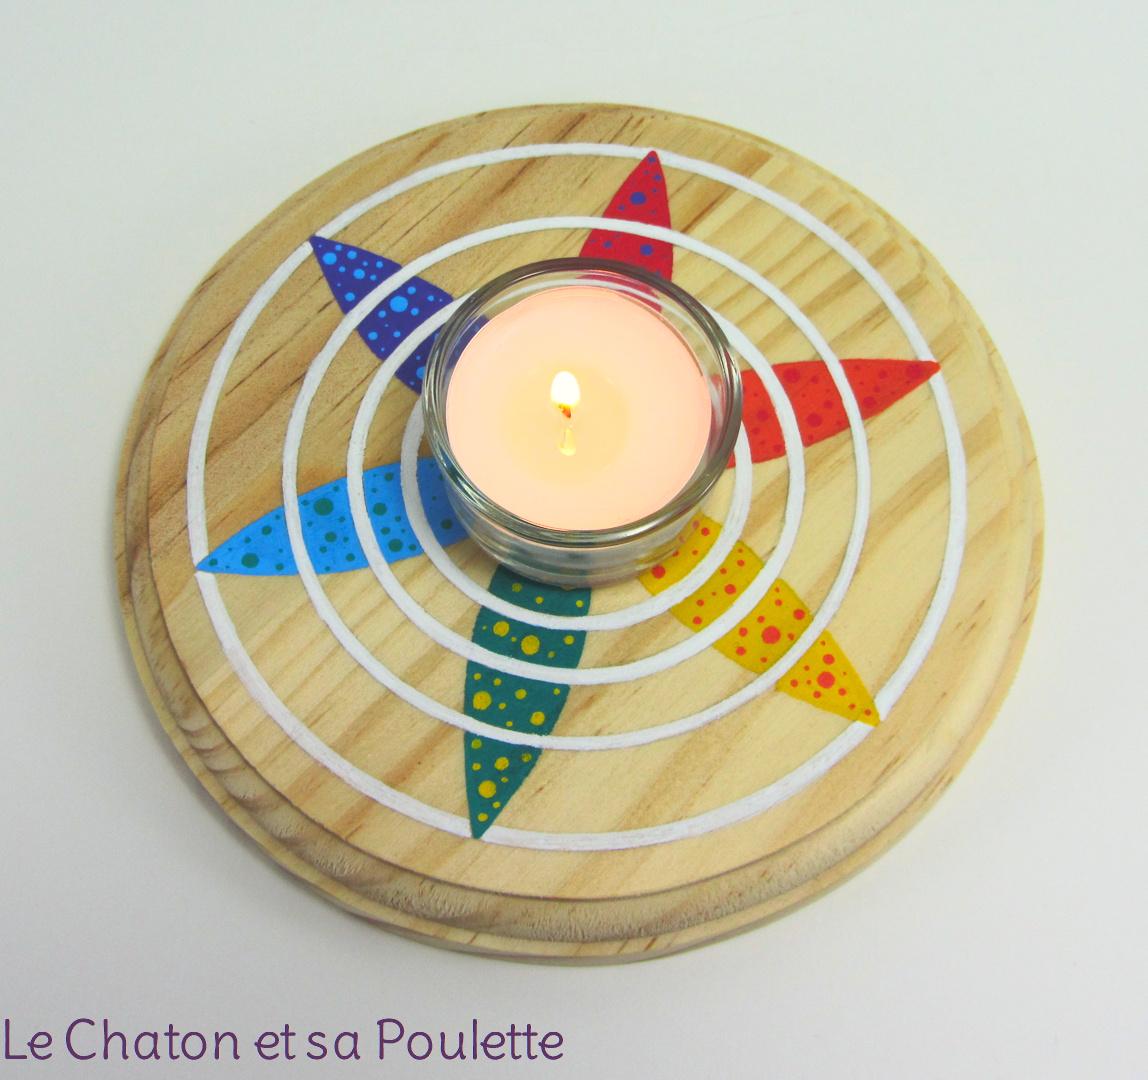 VENDU - Photophore ONDES D'ÉTOILE (rouge/orange/jaune/vert/bleu/violet et blanc) - Le chaton et sa Poulette